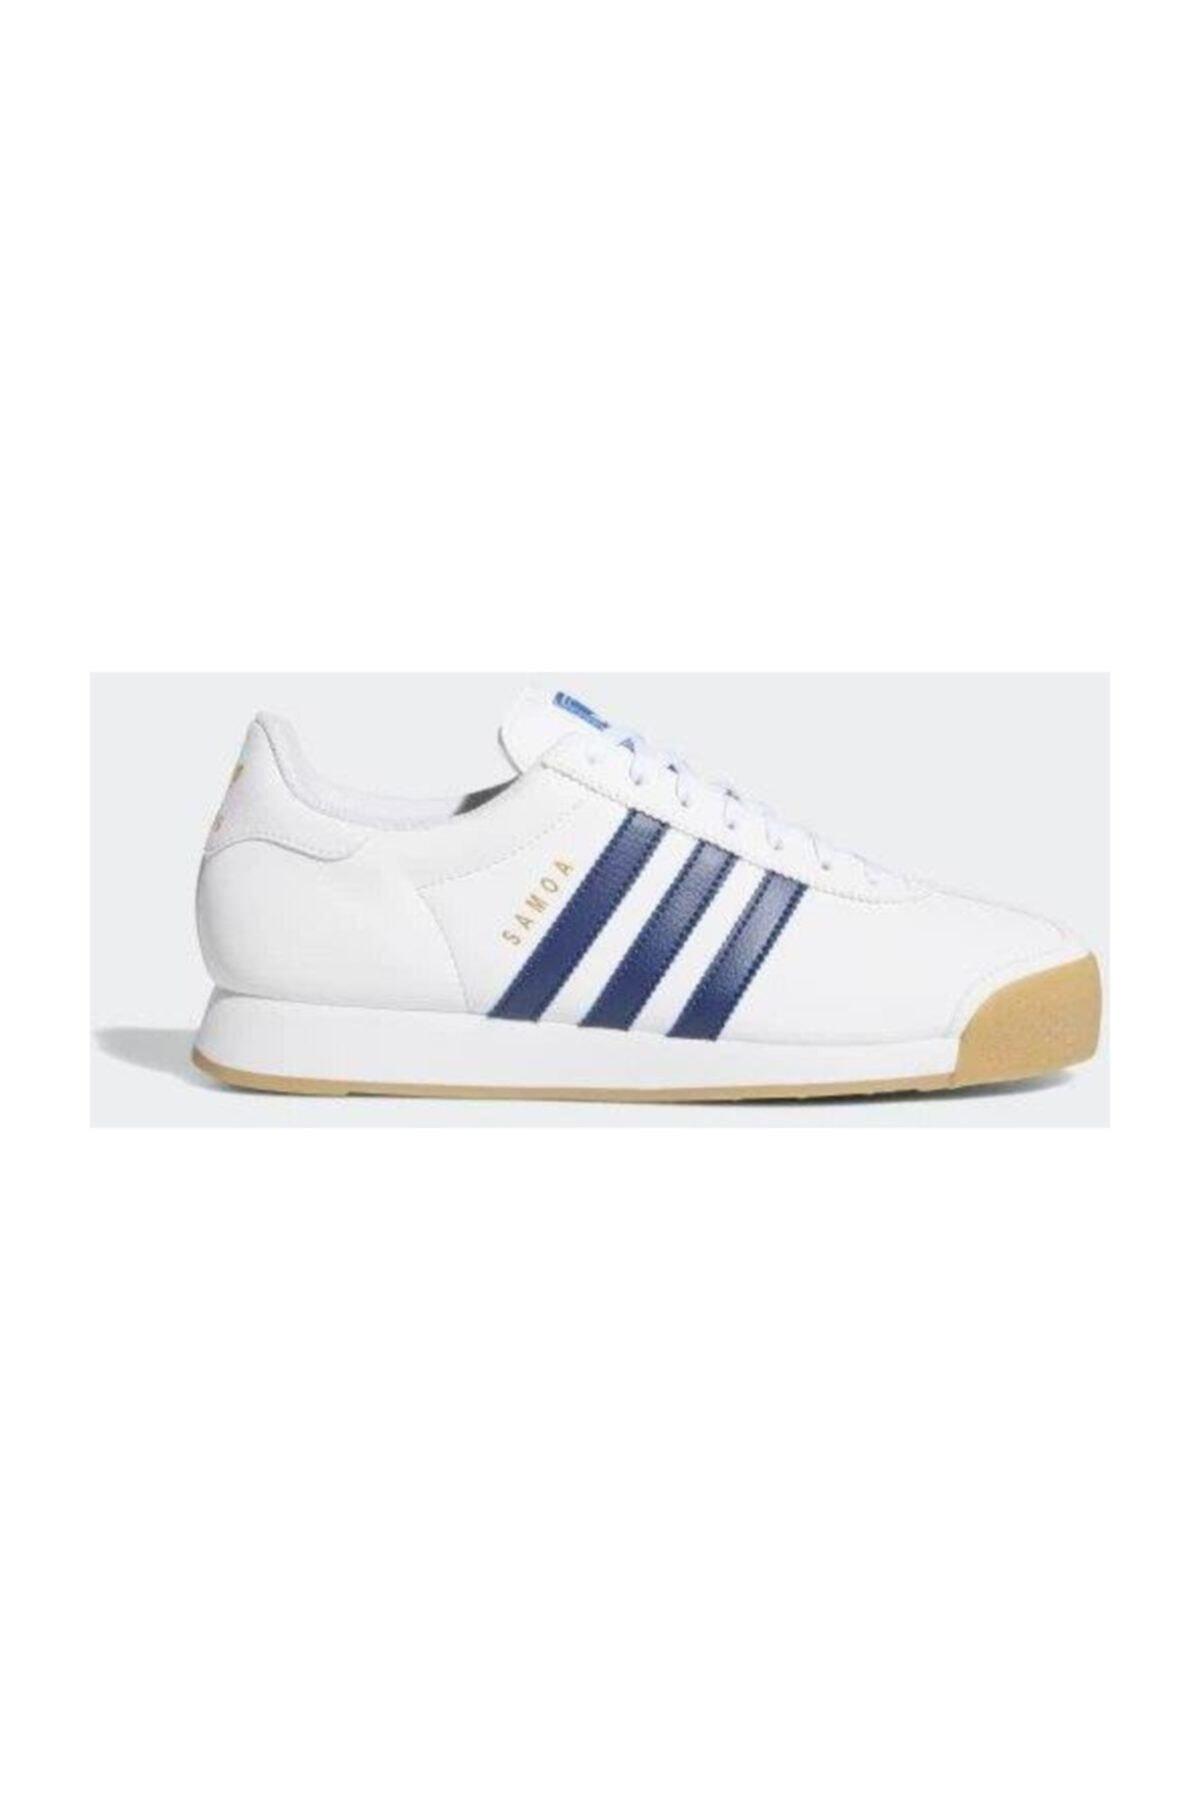 adidas Samoa Erkek Günlük Ayakkabı 1